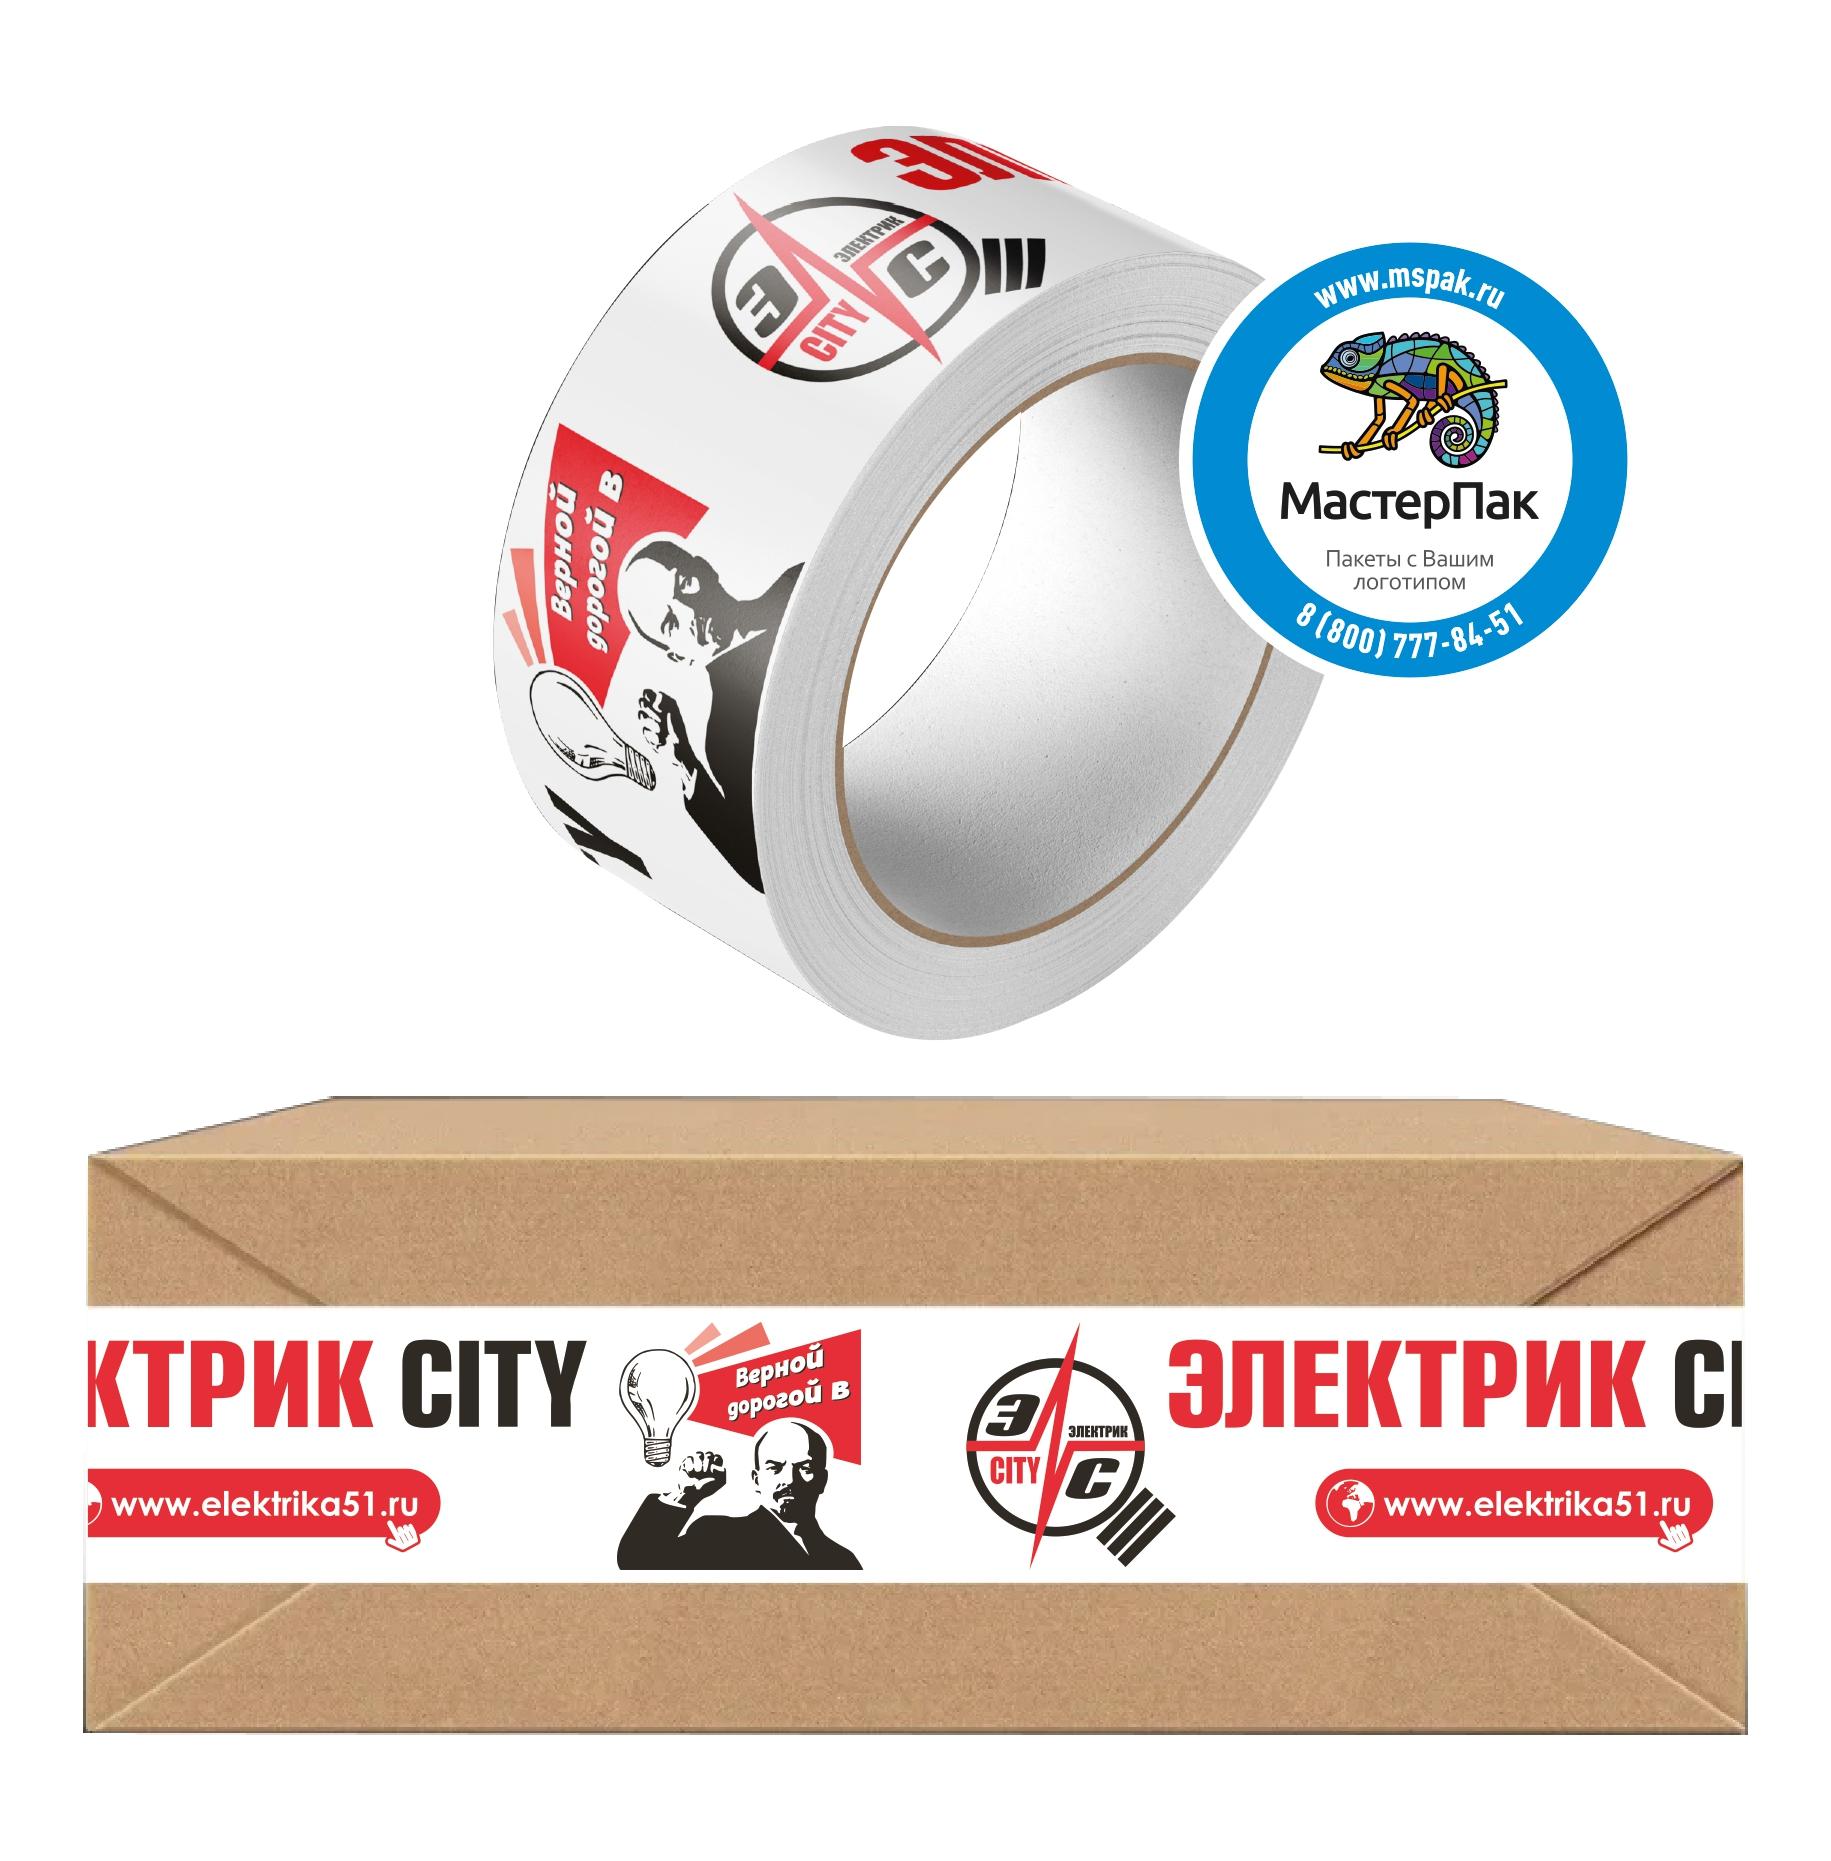 Скотч с логотипомЭлектрик City, 50 метров, 45 мкм, Мурманск